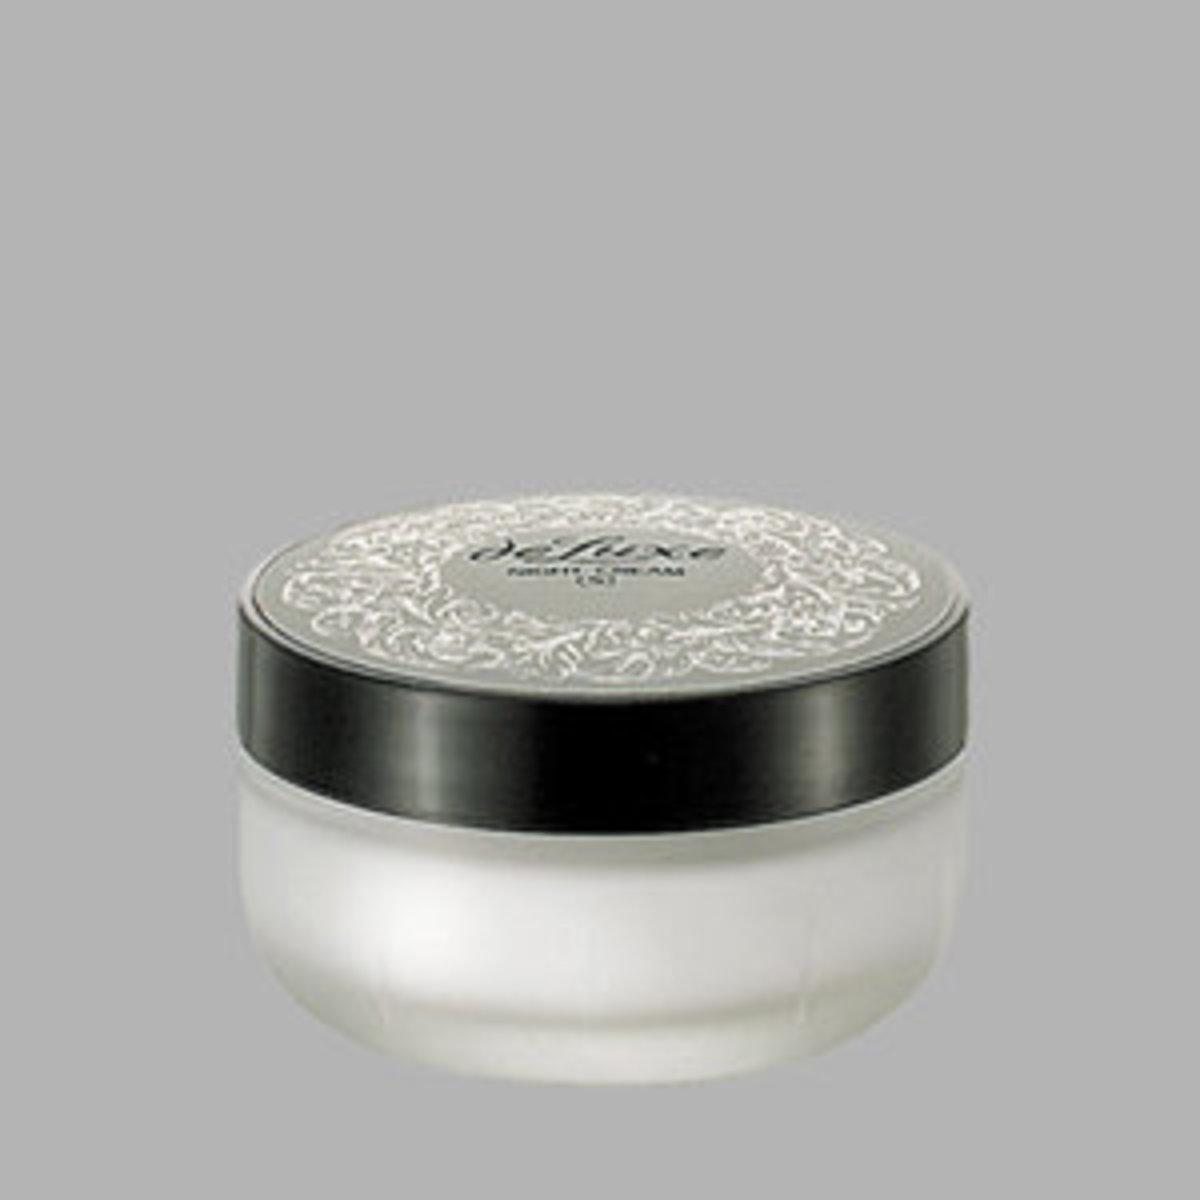 deluxe晚霜(油性皮膚用)50g